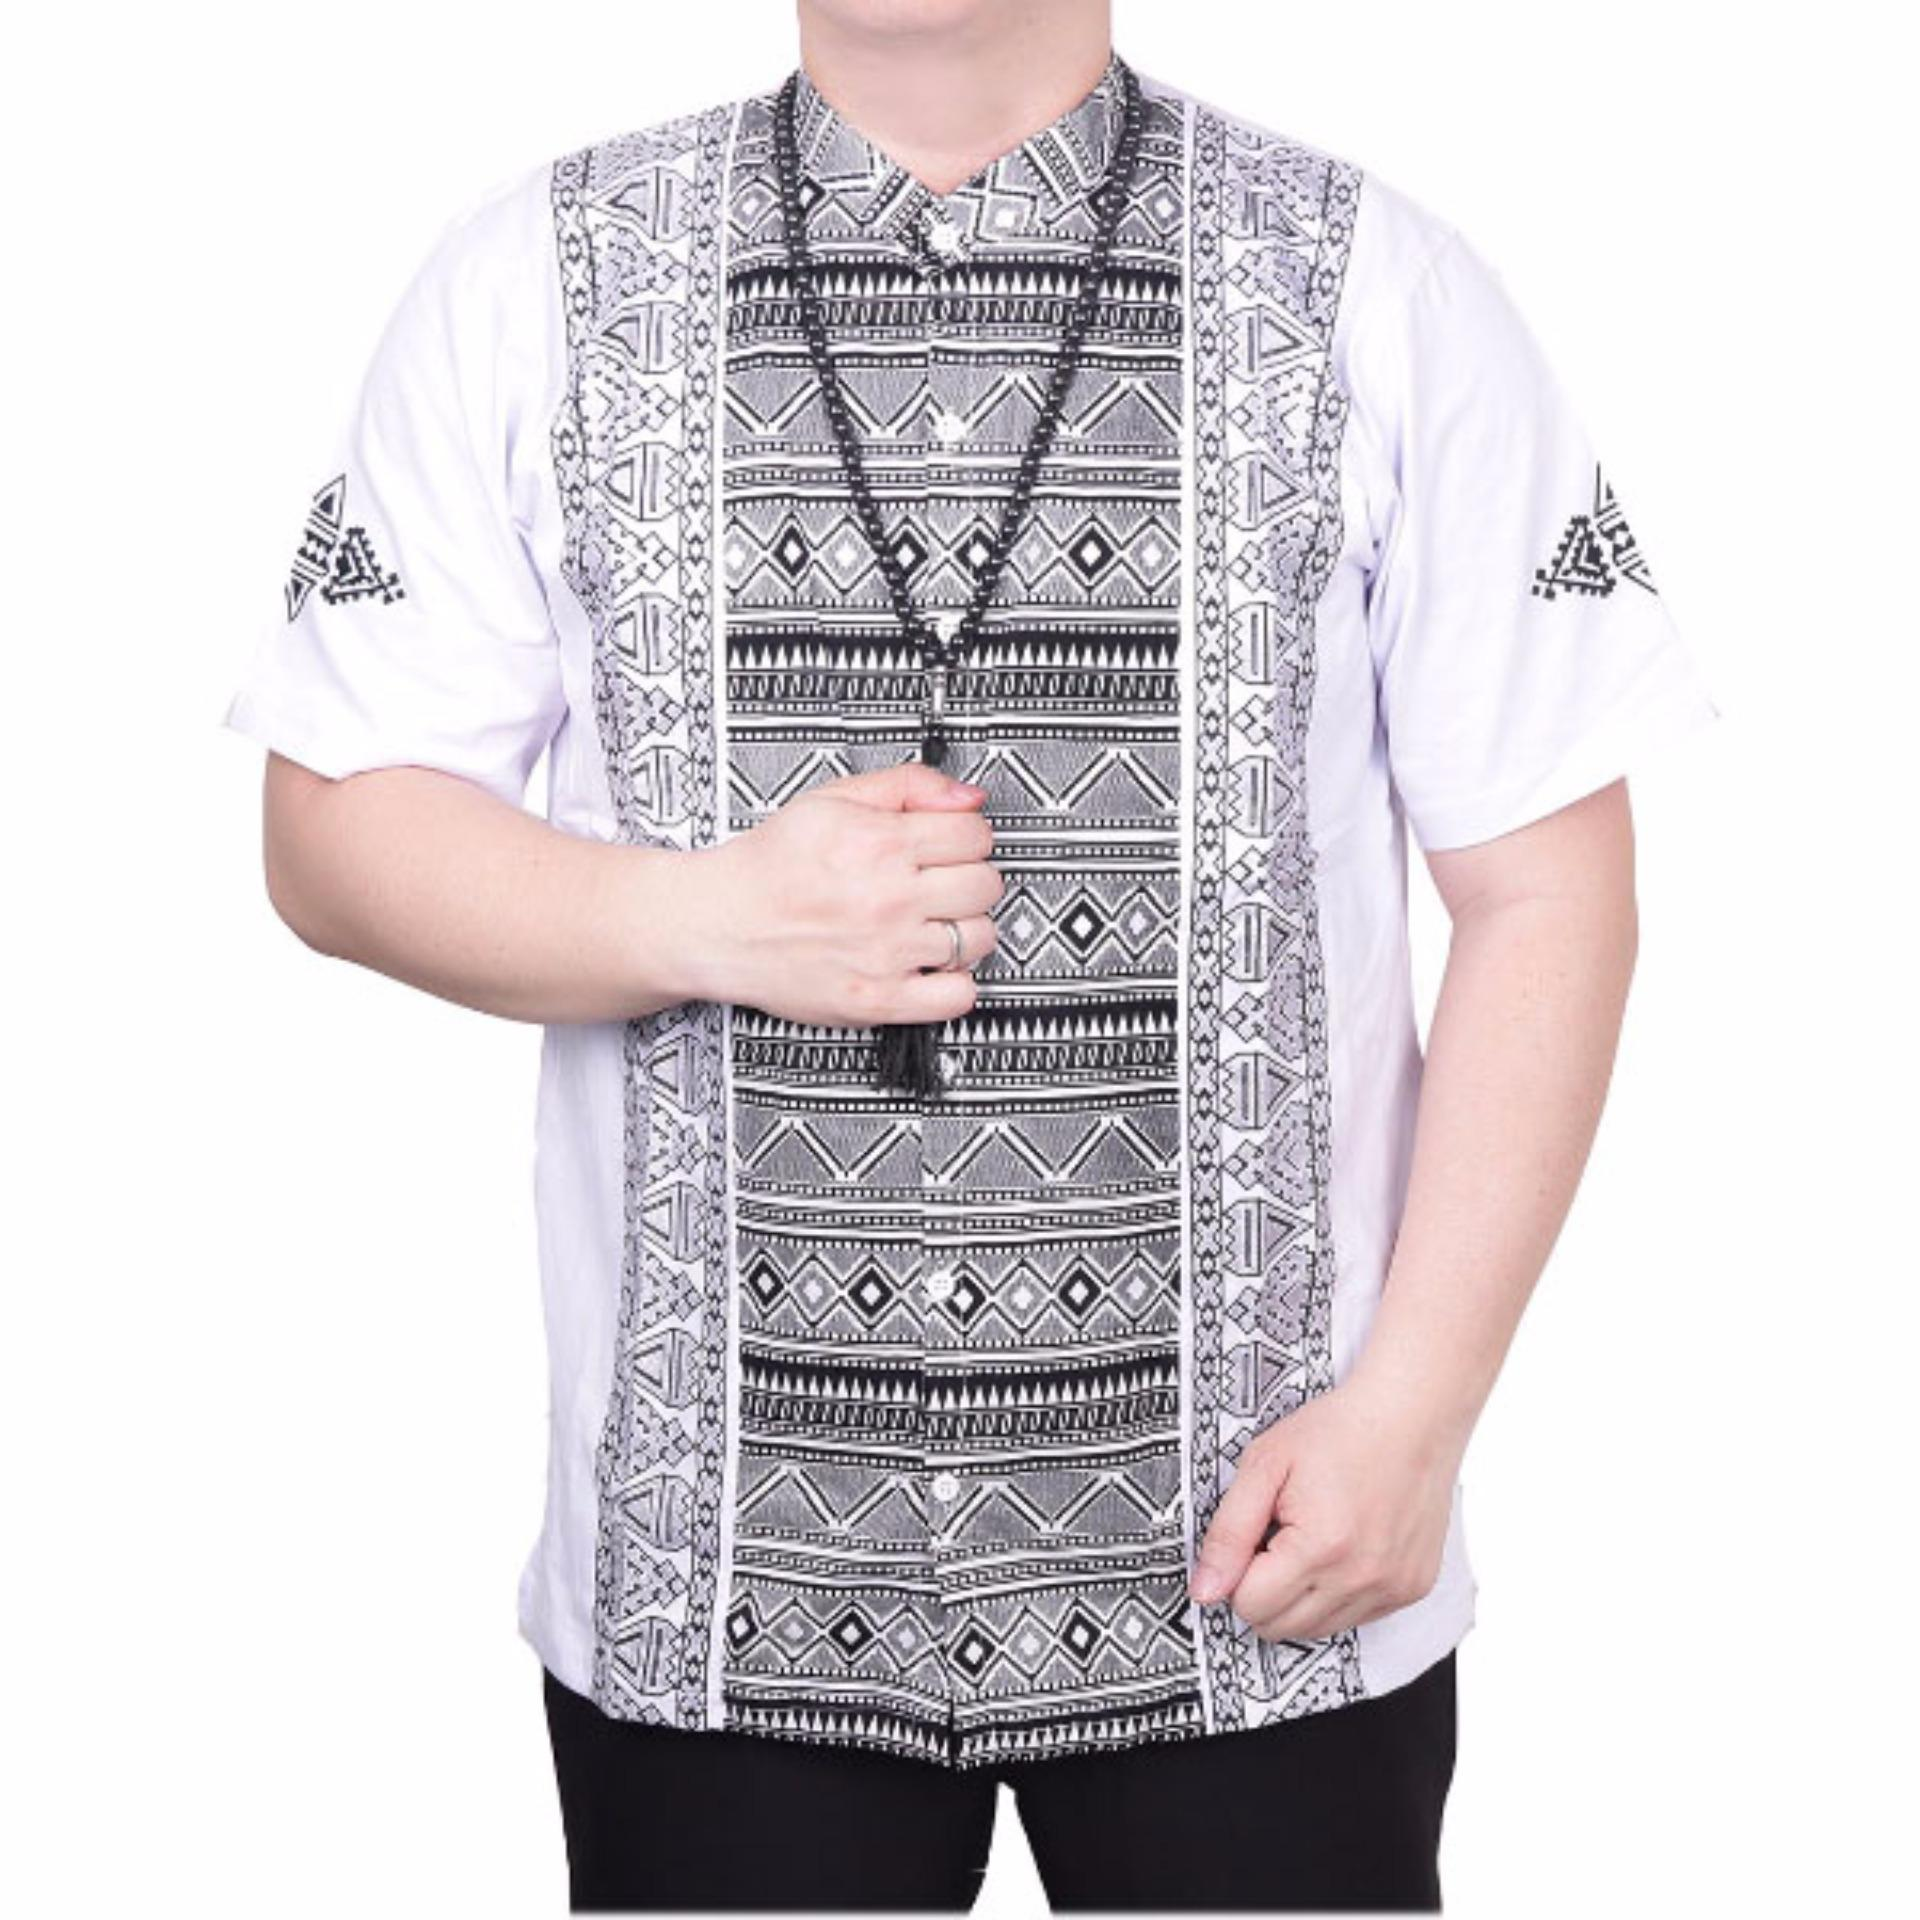 Harga Ormano Baju Koko Muslim Batik Lengan Pendek Lebaran Zo17 Kk30 Kemeja Fashion Pria Putih Dan Spesifikasinya